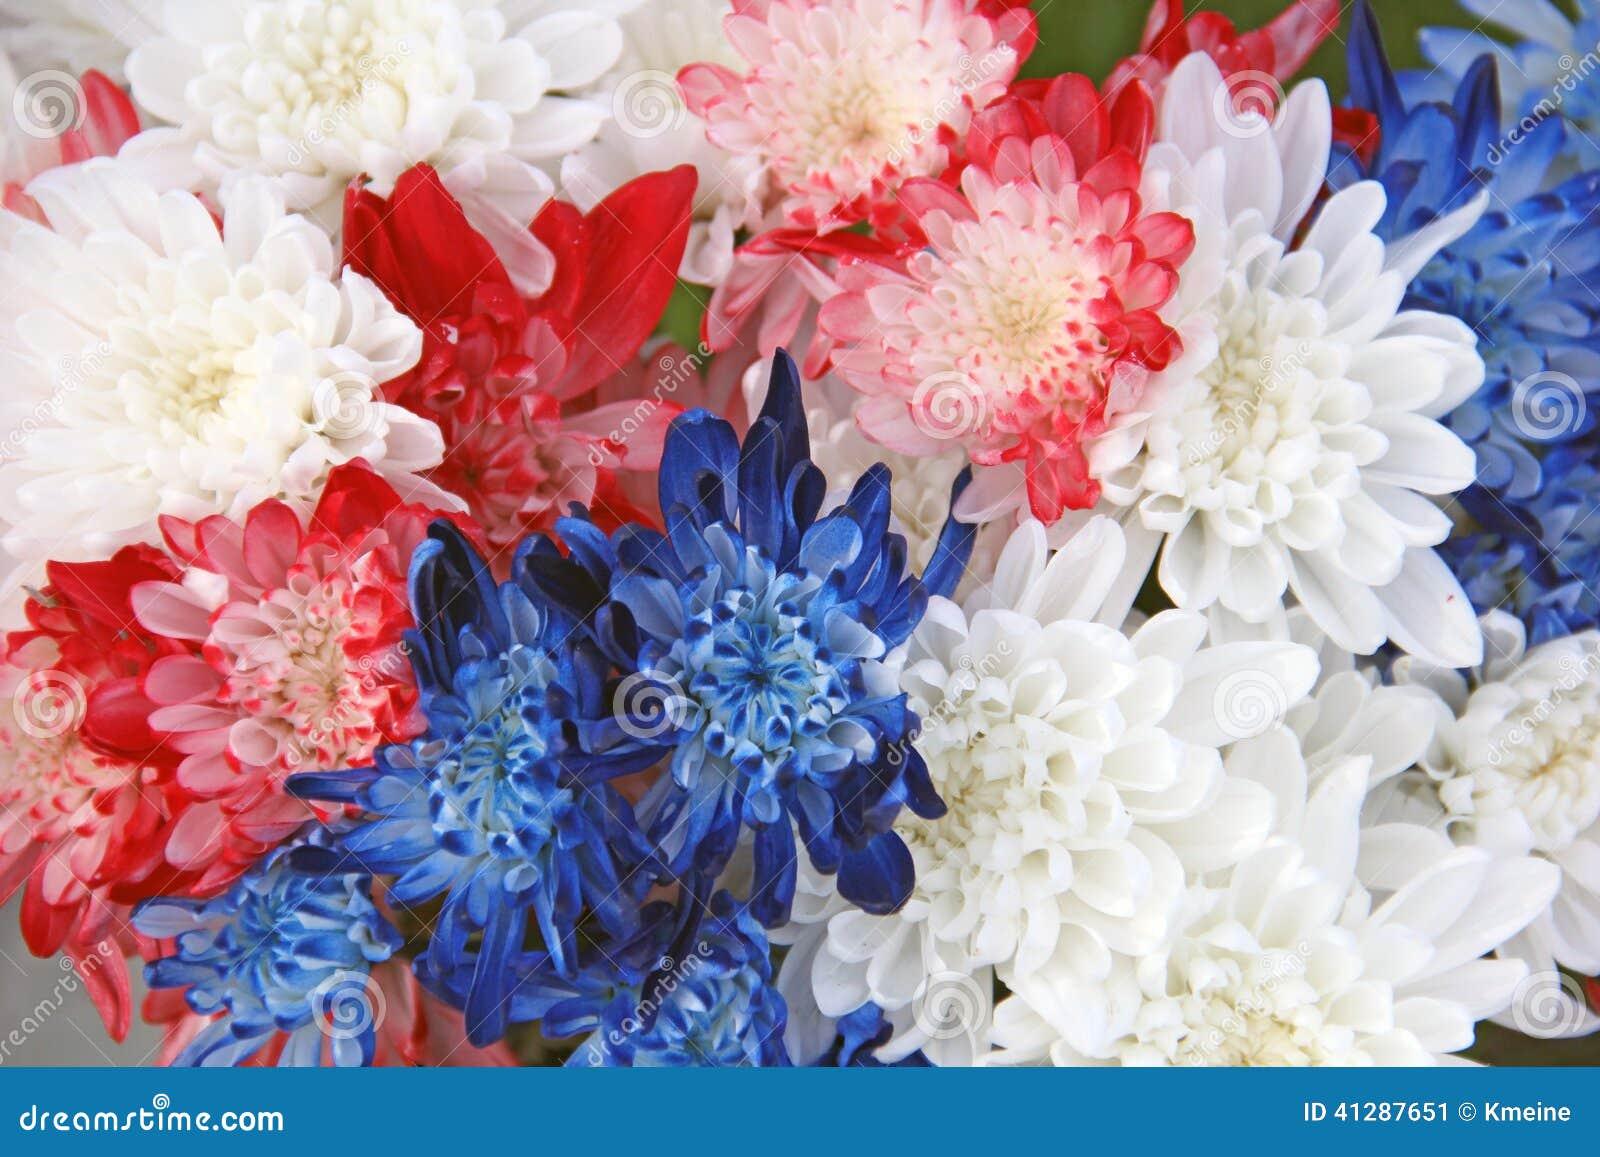 Très Bouquet de fleurs bleu blanc rouge | La pilounette KO45